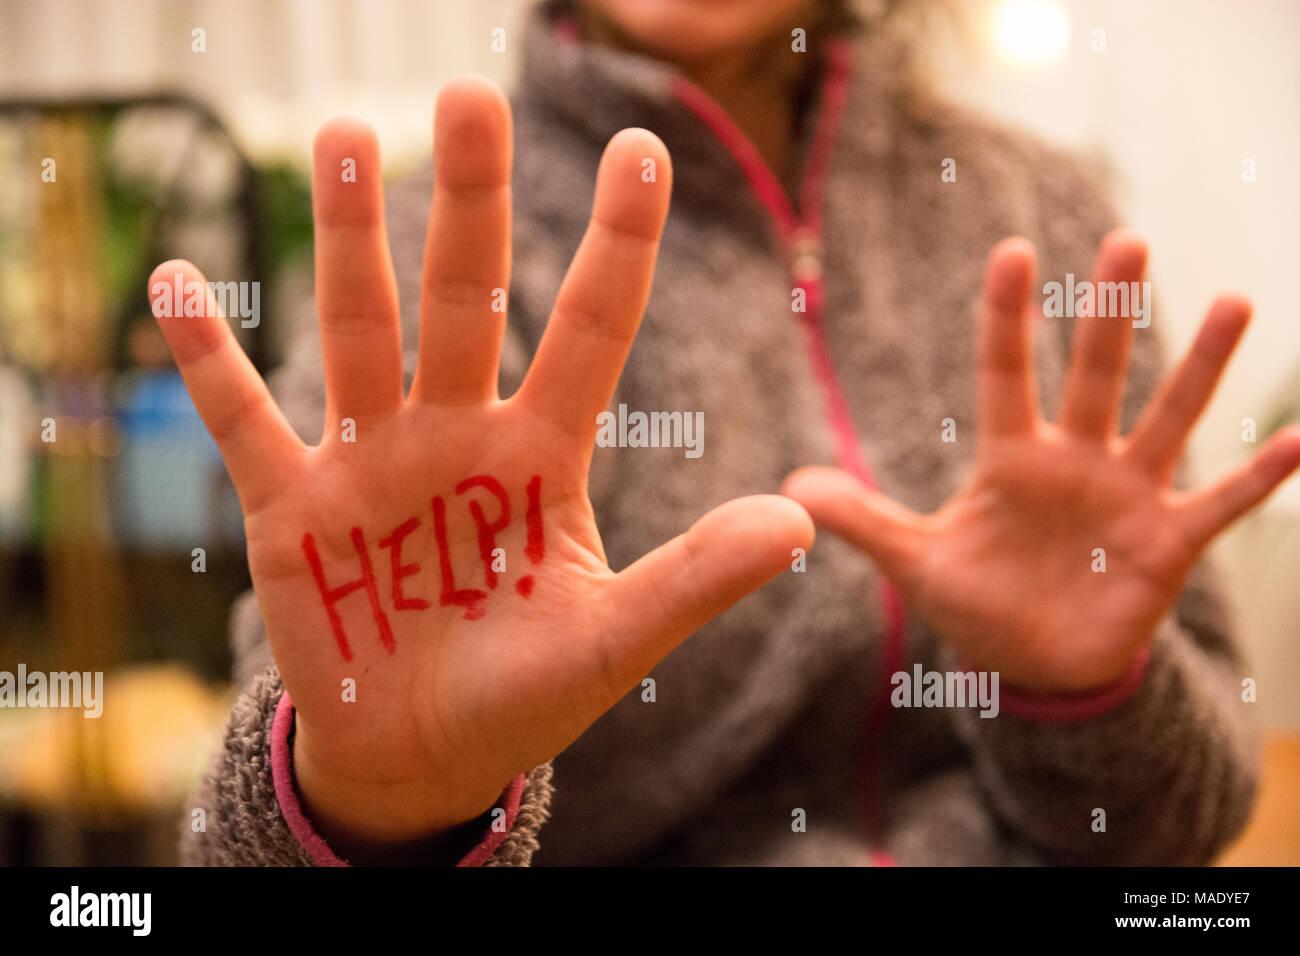 Ayuda! Escrito en mujer mano cerca de la cámara. La mujer pide ayuda escribiendo en su mano. Imagen De Stock